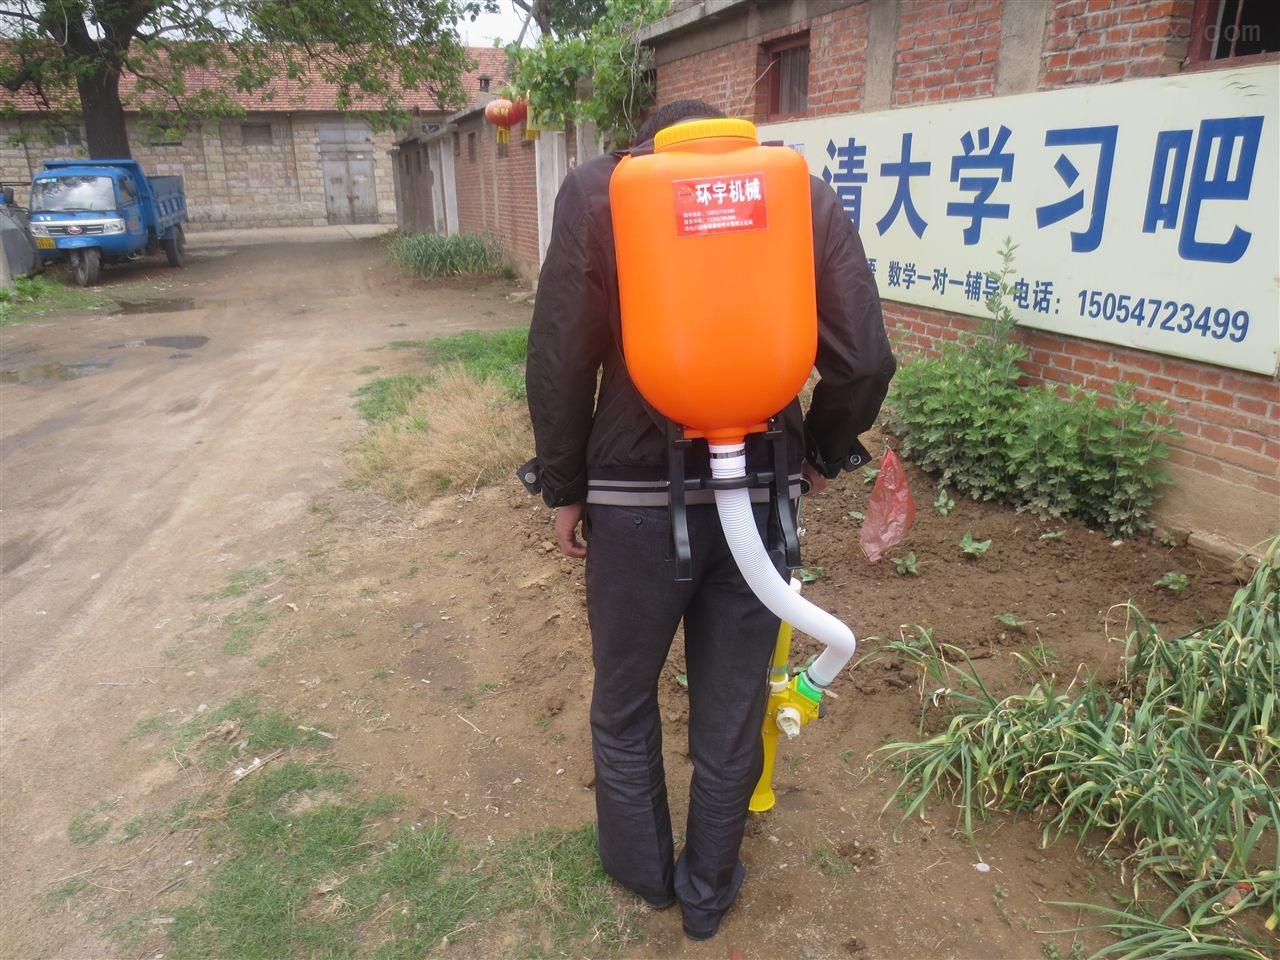 小型施肥機有機肥施肥機葡萄施肥茶園施肥機果園施肥機